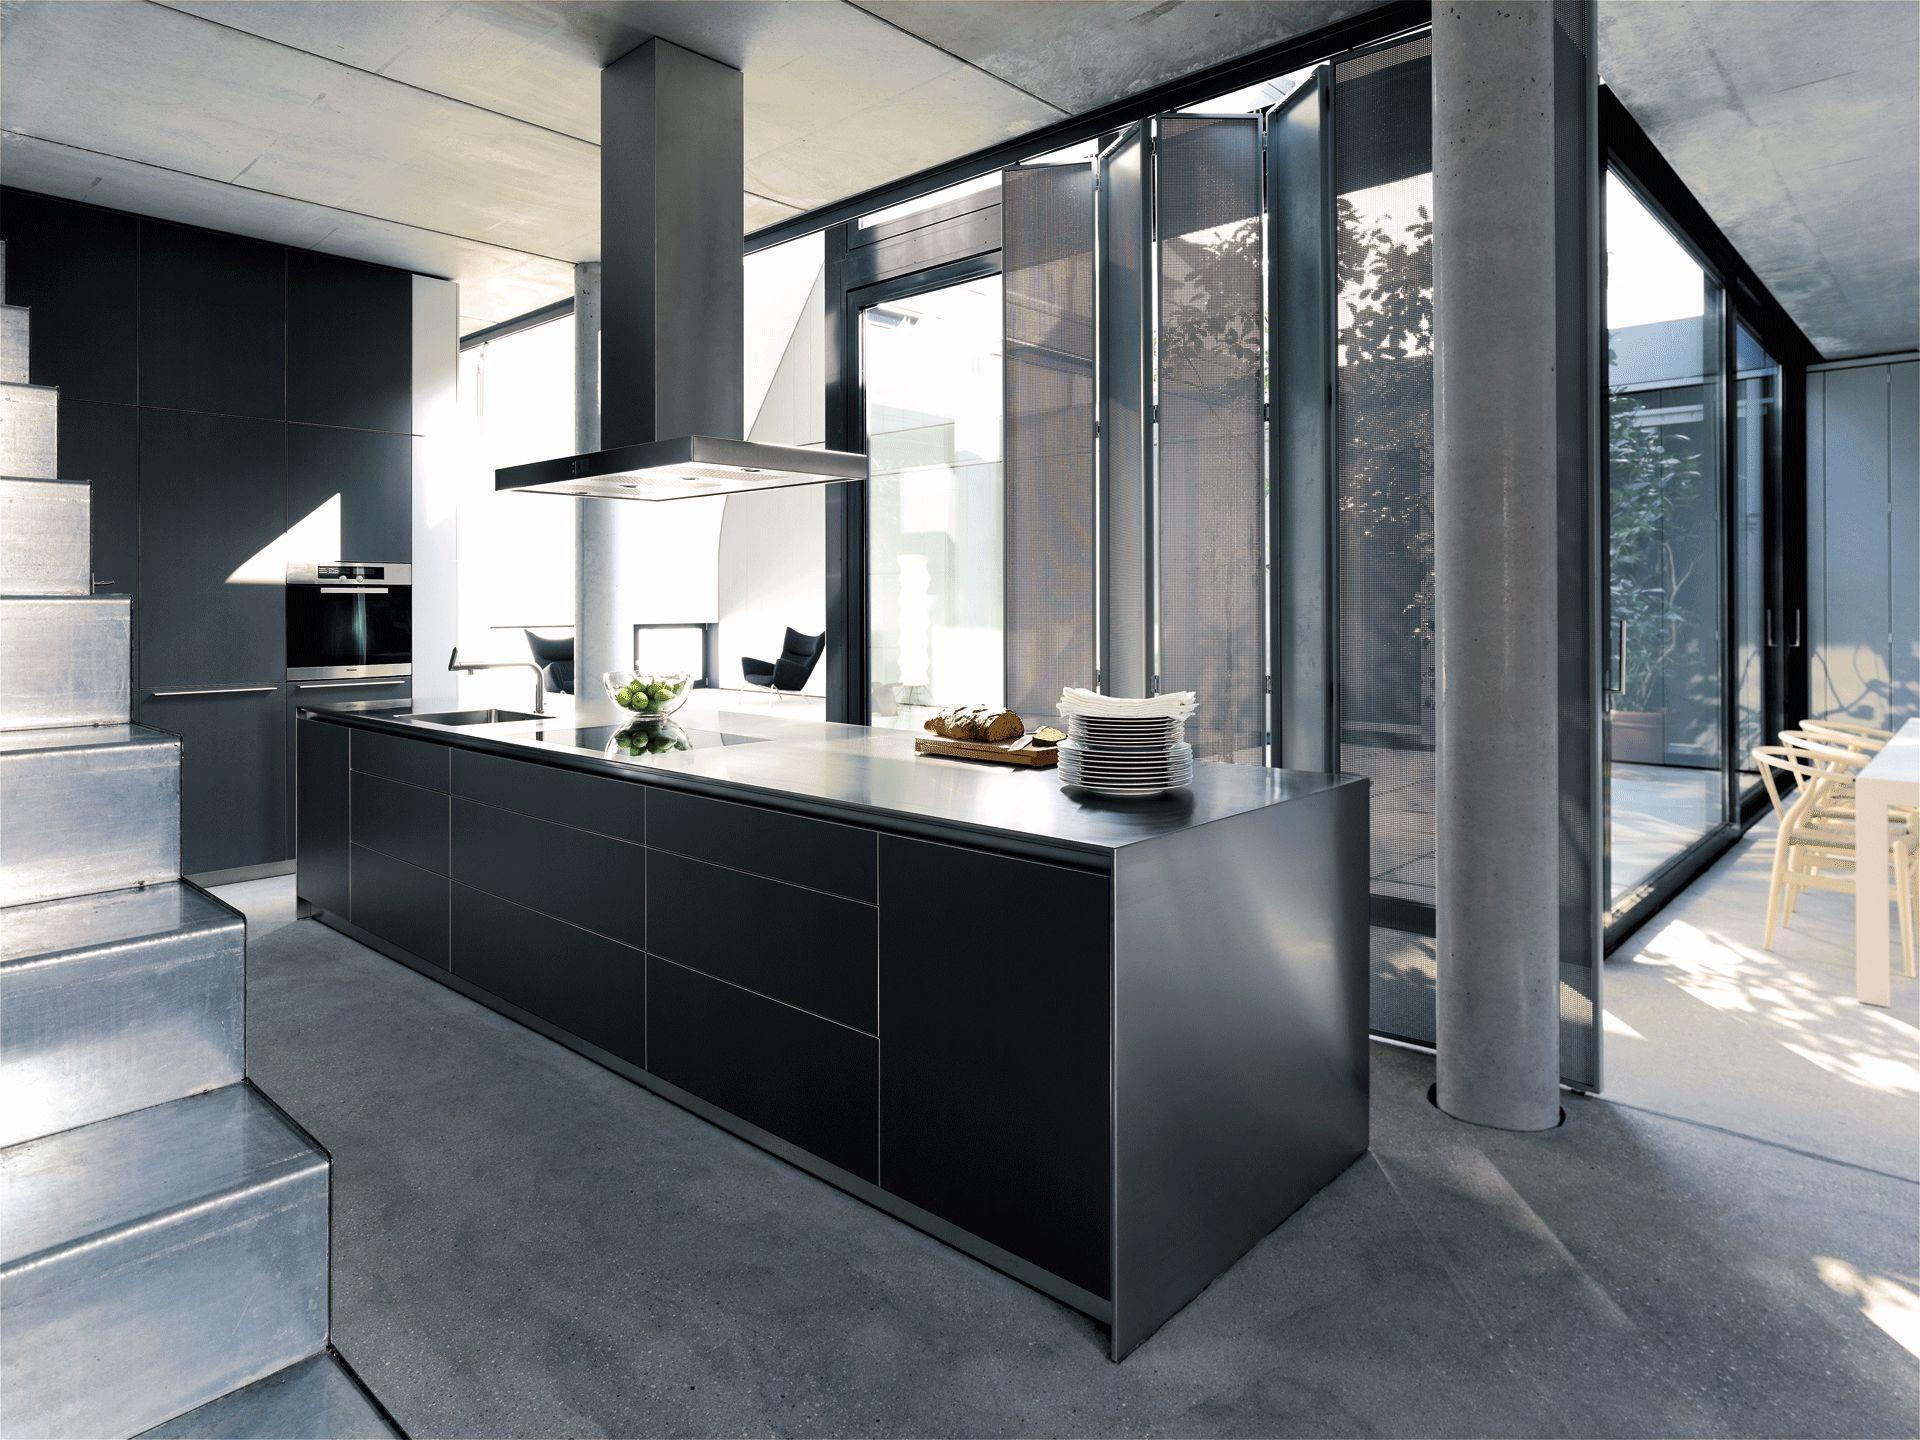 votre cuisine contemporaine par lluck. Black Bedroom Furniture Sets. Home Design Ideas